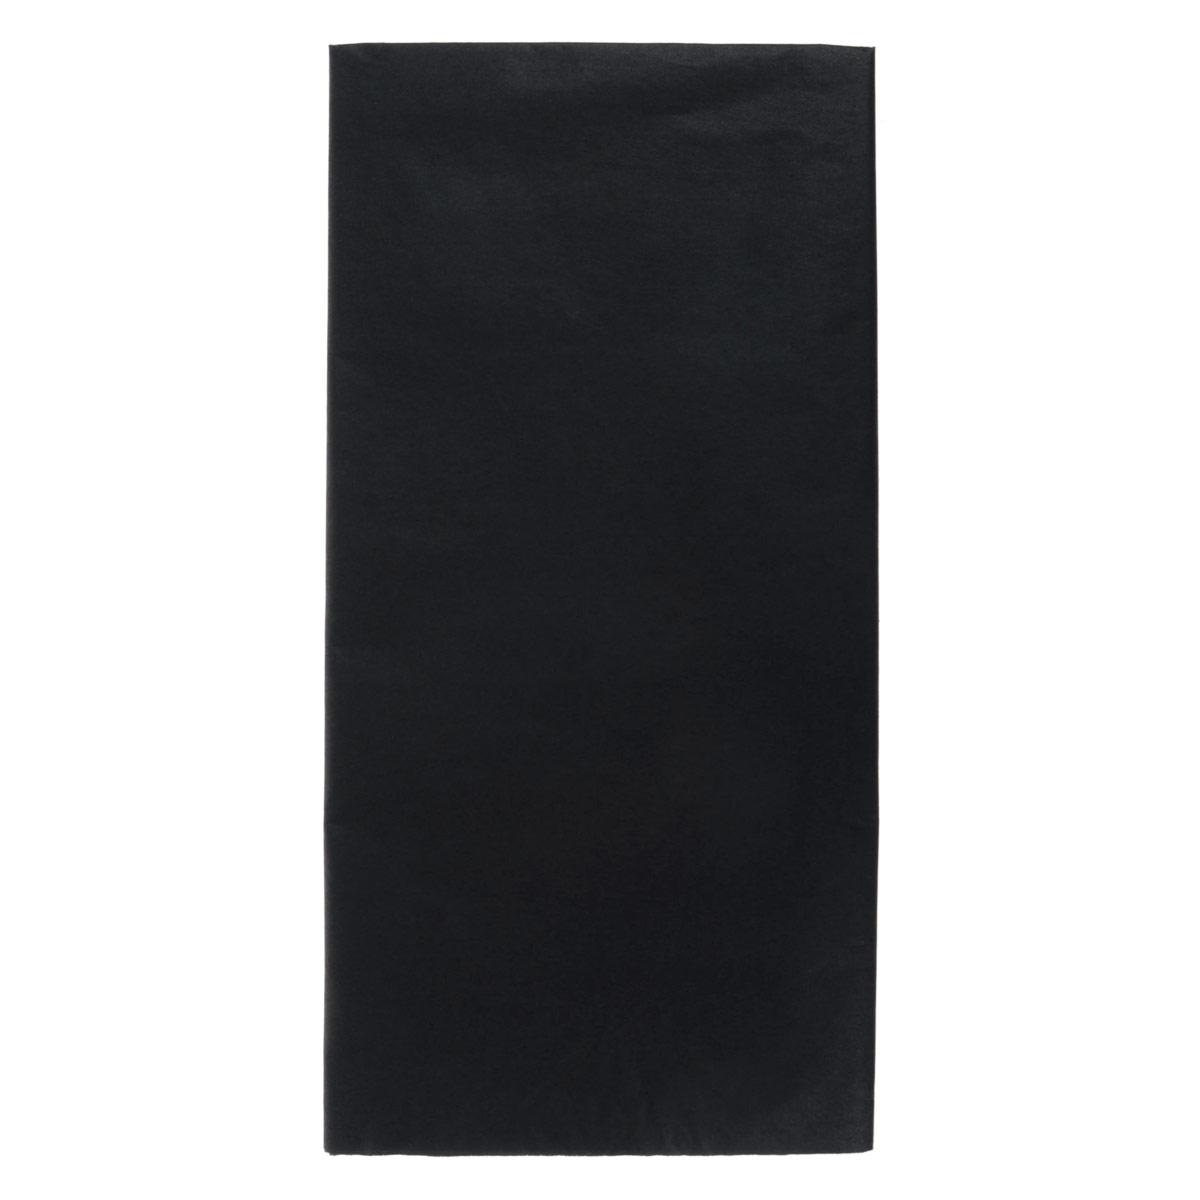 Бумага папиросная Folia, цвет: черный (90), 50 см х 70 см, 5 листов. 7708123_907708123_90Бумага папиросная Folia - это великолепная тонкая и эластичная декоративная бумага. Такая бумага очень хороша для изготовления своими руками цветов и букетов с конфетами, топиариев, декорирования праздничных мероприятий. Также из нее получается шикарная упаковка для подарков. Интересный эффект дает сочетание мягкой полупрозрачной фактуры папиросной бумаги с жатыми и матовыми фактурами: креп-бумагой, тутовой и различными видами картона. Бумага очень тонкая, полупрозрачная - поэтому ее можно оригинально использовать в декоре стекла, светильников и гирлянд. Достаточно большие размеры листа и богатая цветовая палитра дают простор вашей творческой фантазии. Размер листа: 50 см х 70 см.Плотность: 20 г/м2.